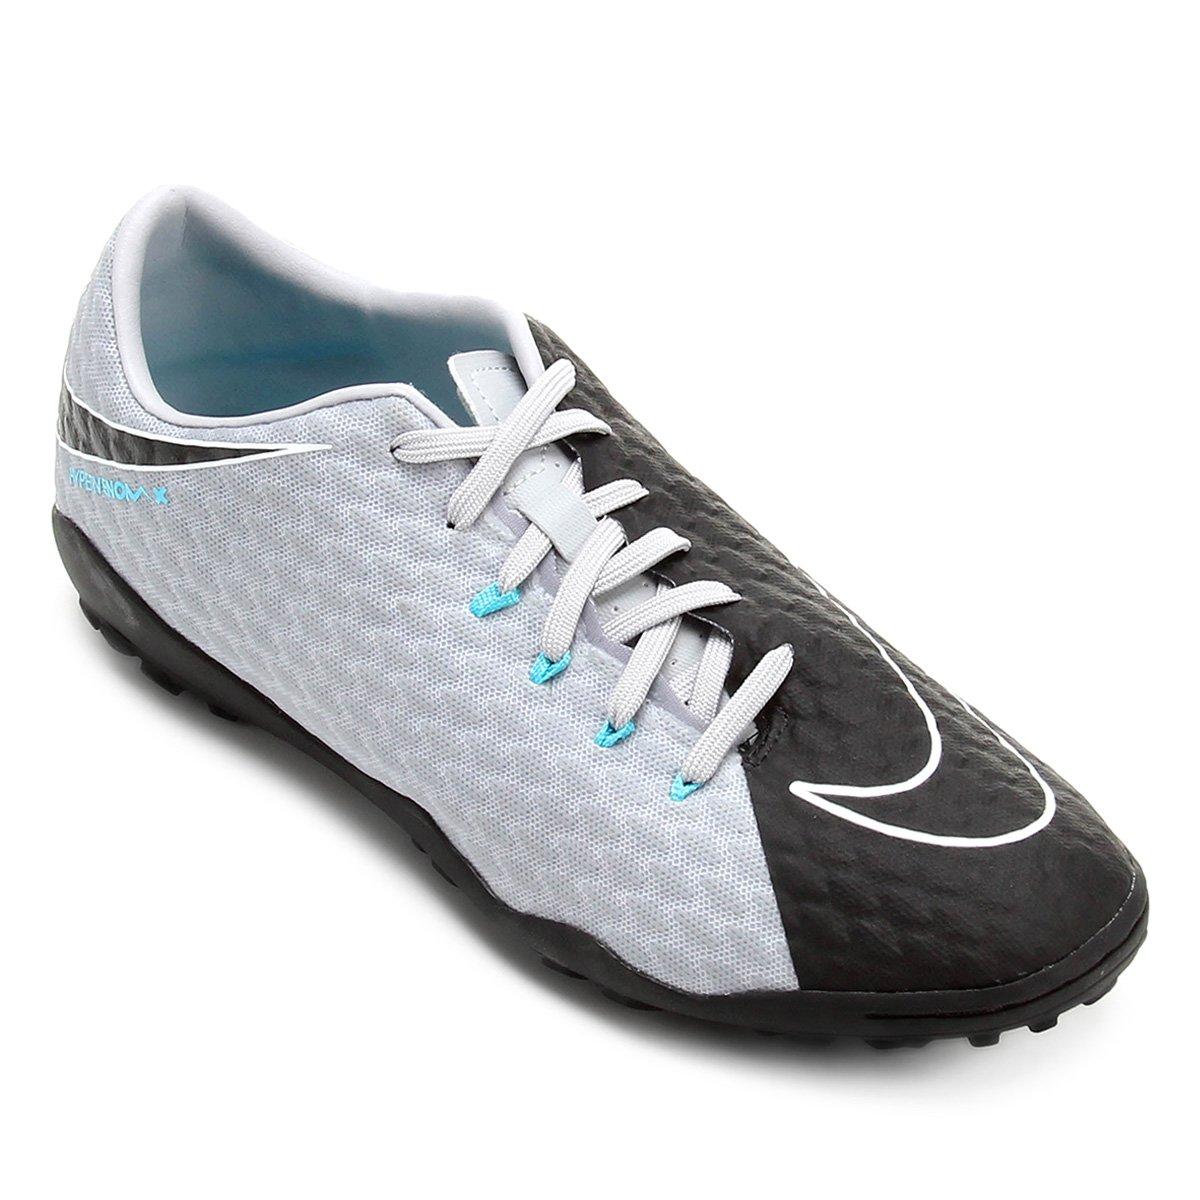 8929f3d222 Chuteira Society Nike Hypervenom Phelon 3 TF